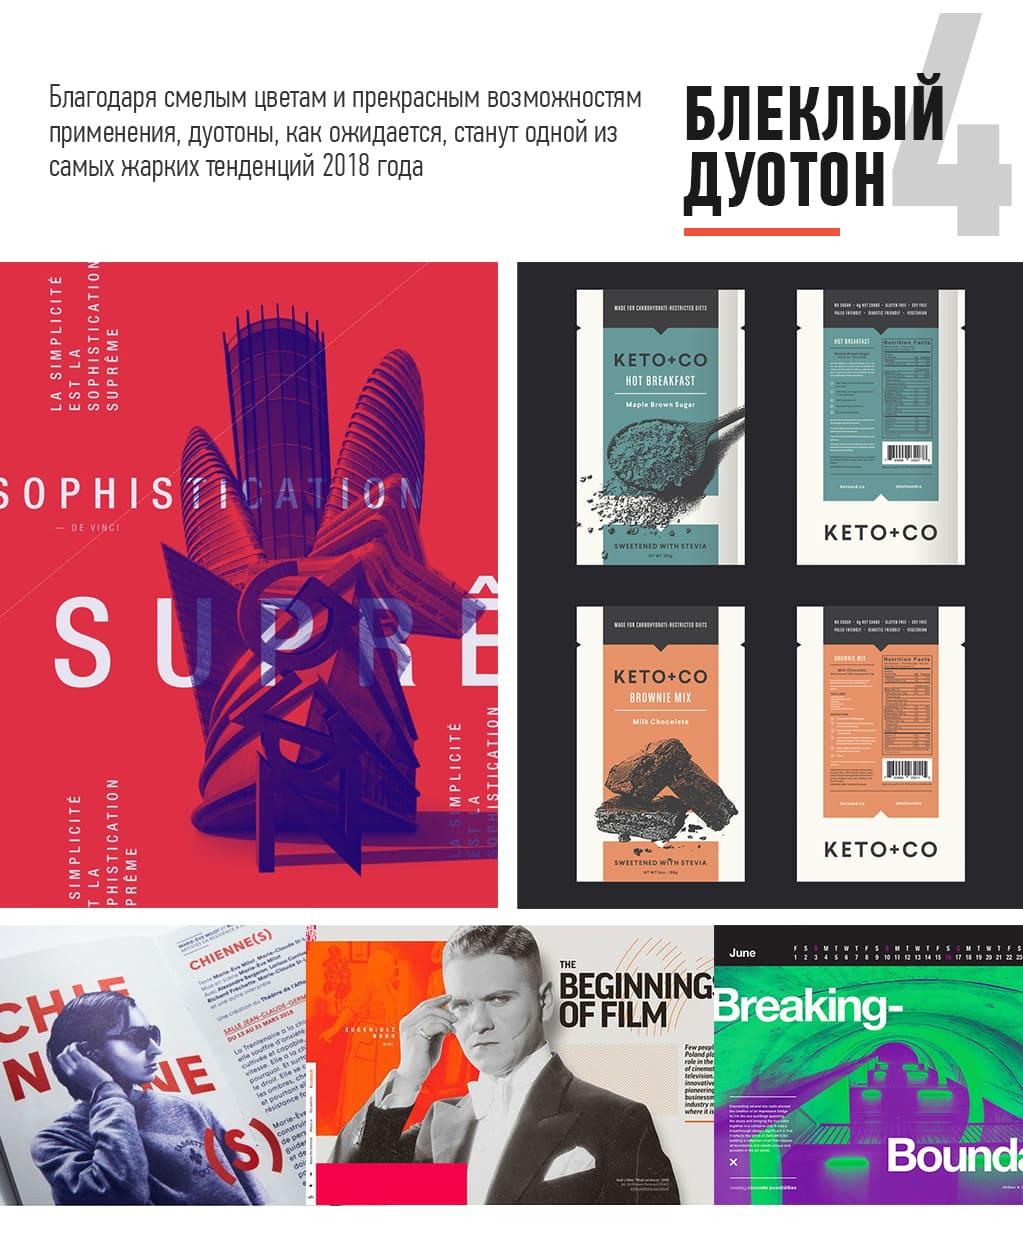 тренды в графическом дизайне 2018 дуотон